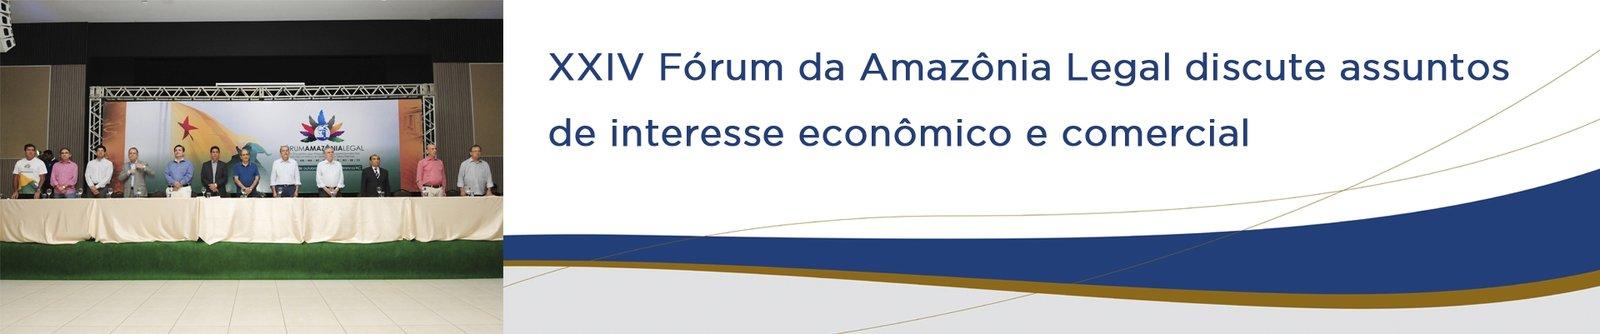 XXIV Fórum da Amazônia Legal discute assuntos de interesse econômico e comercial